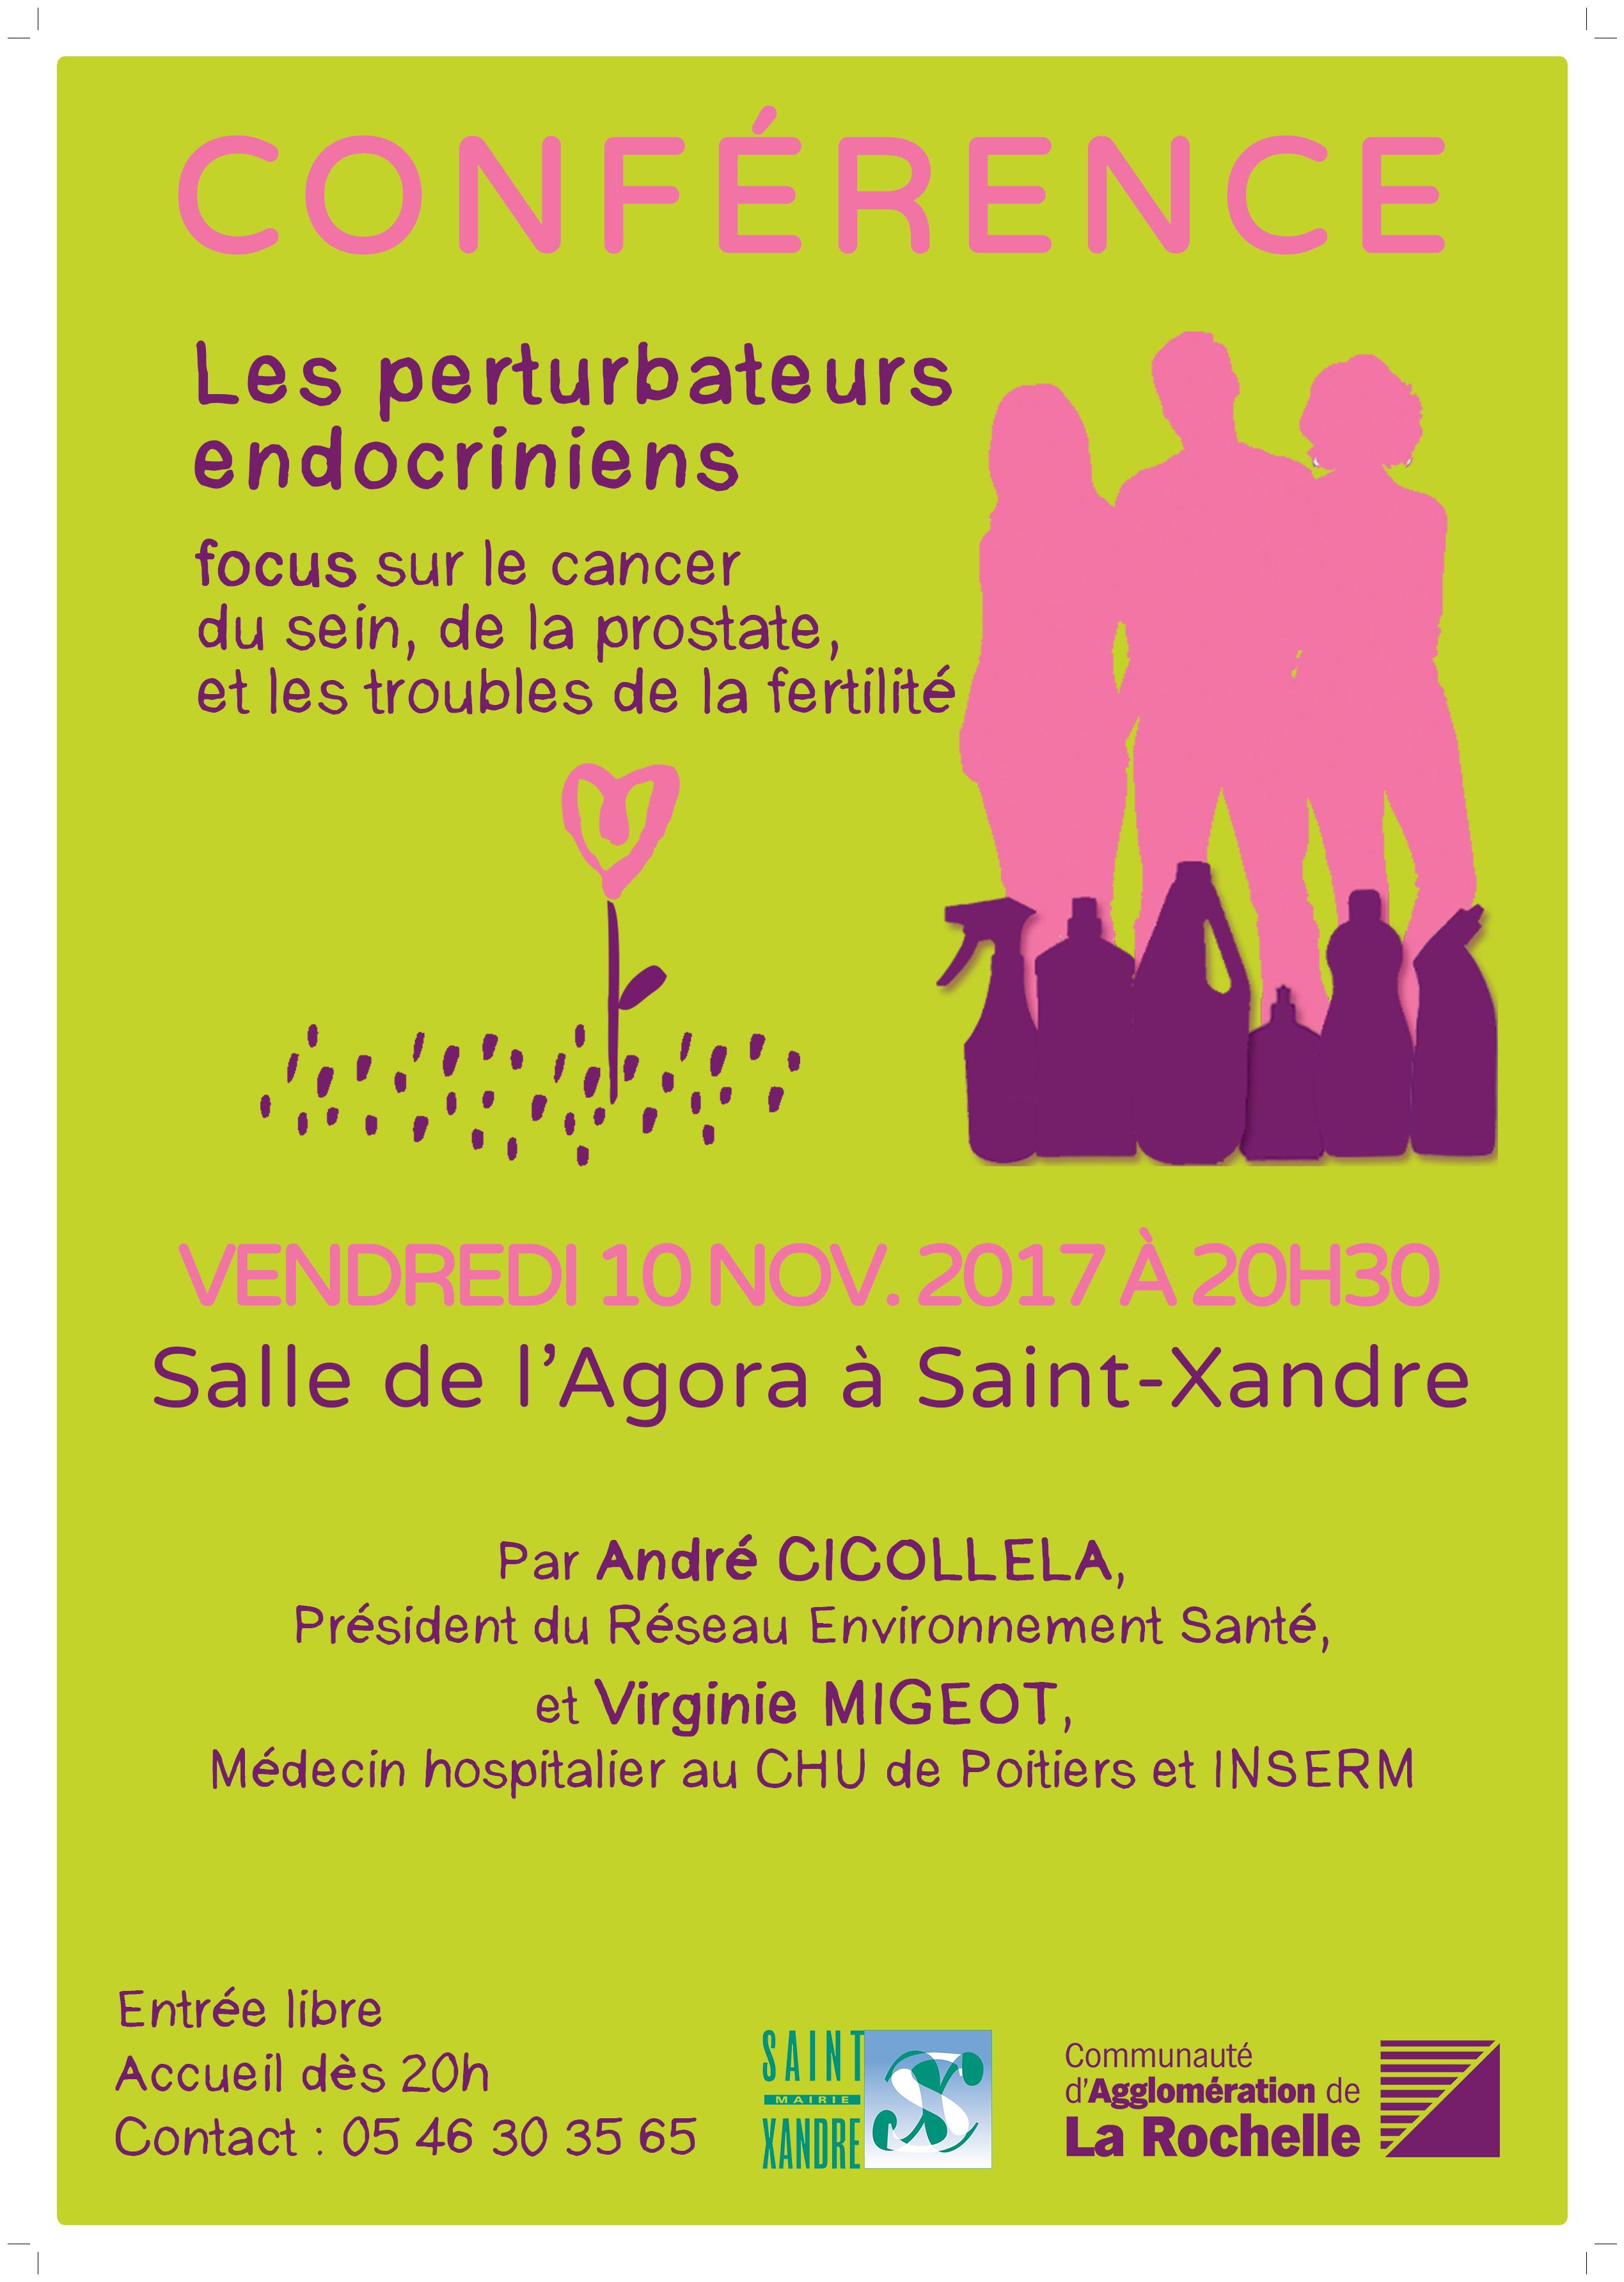 Saint Xandre – Conférence sur les perturbateurs endocriniens